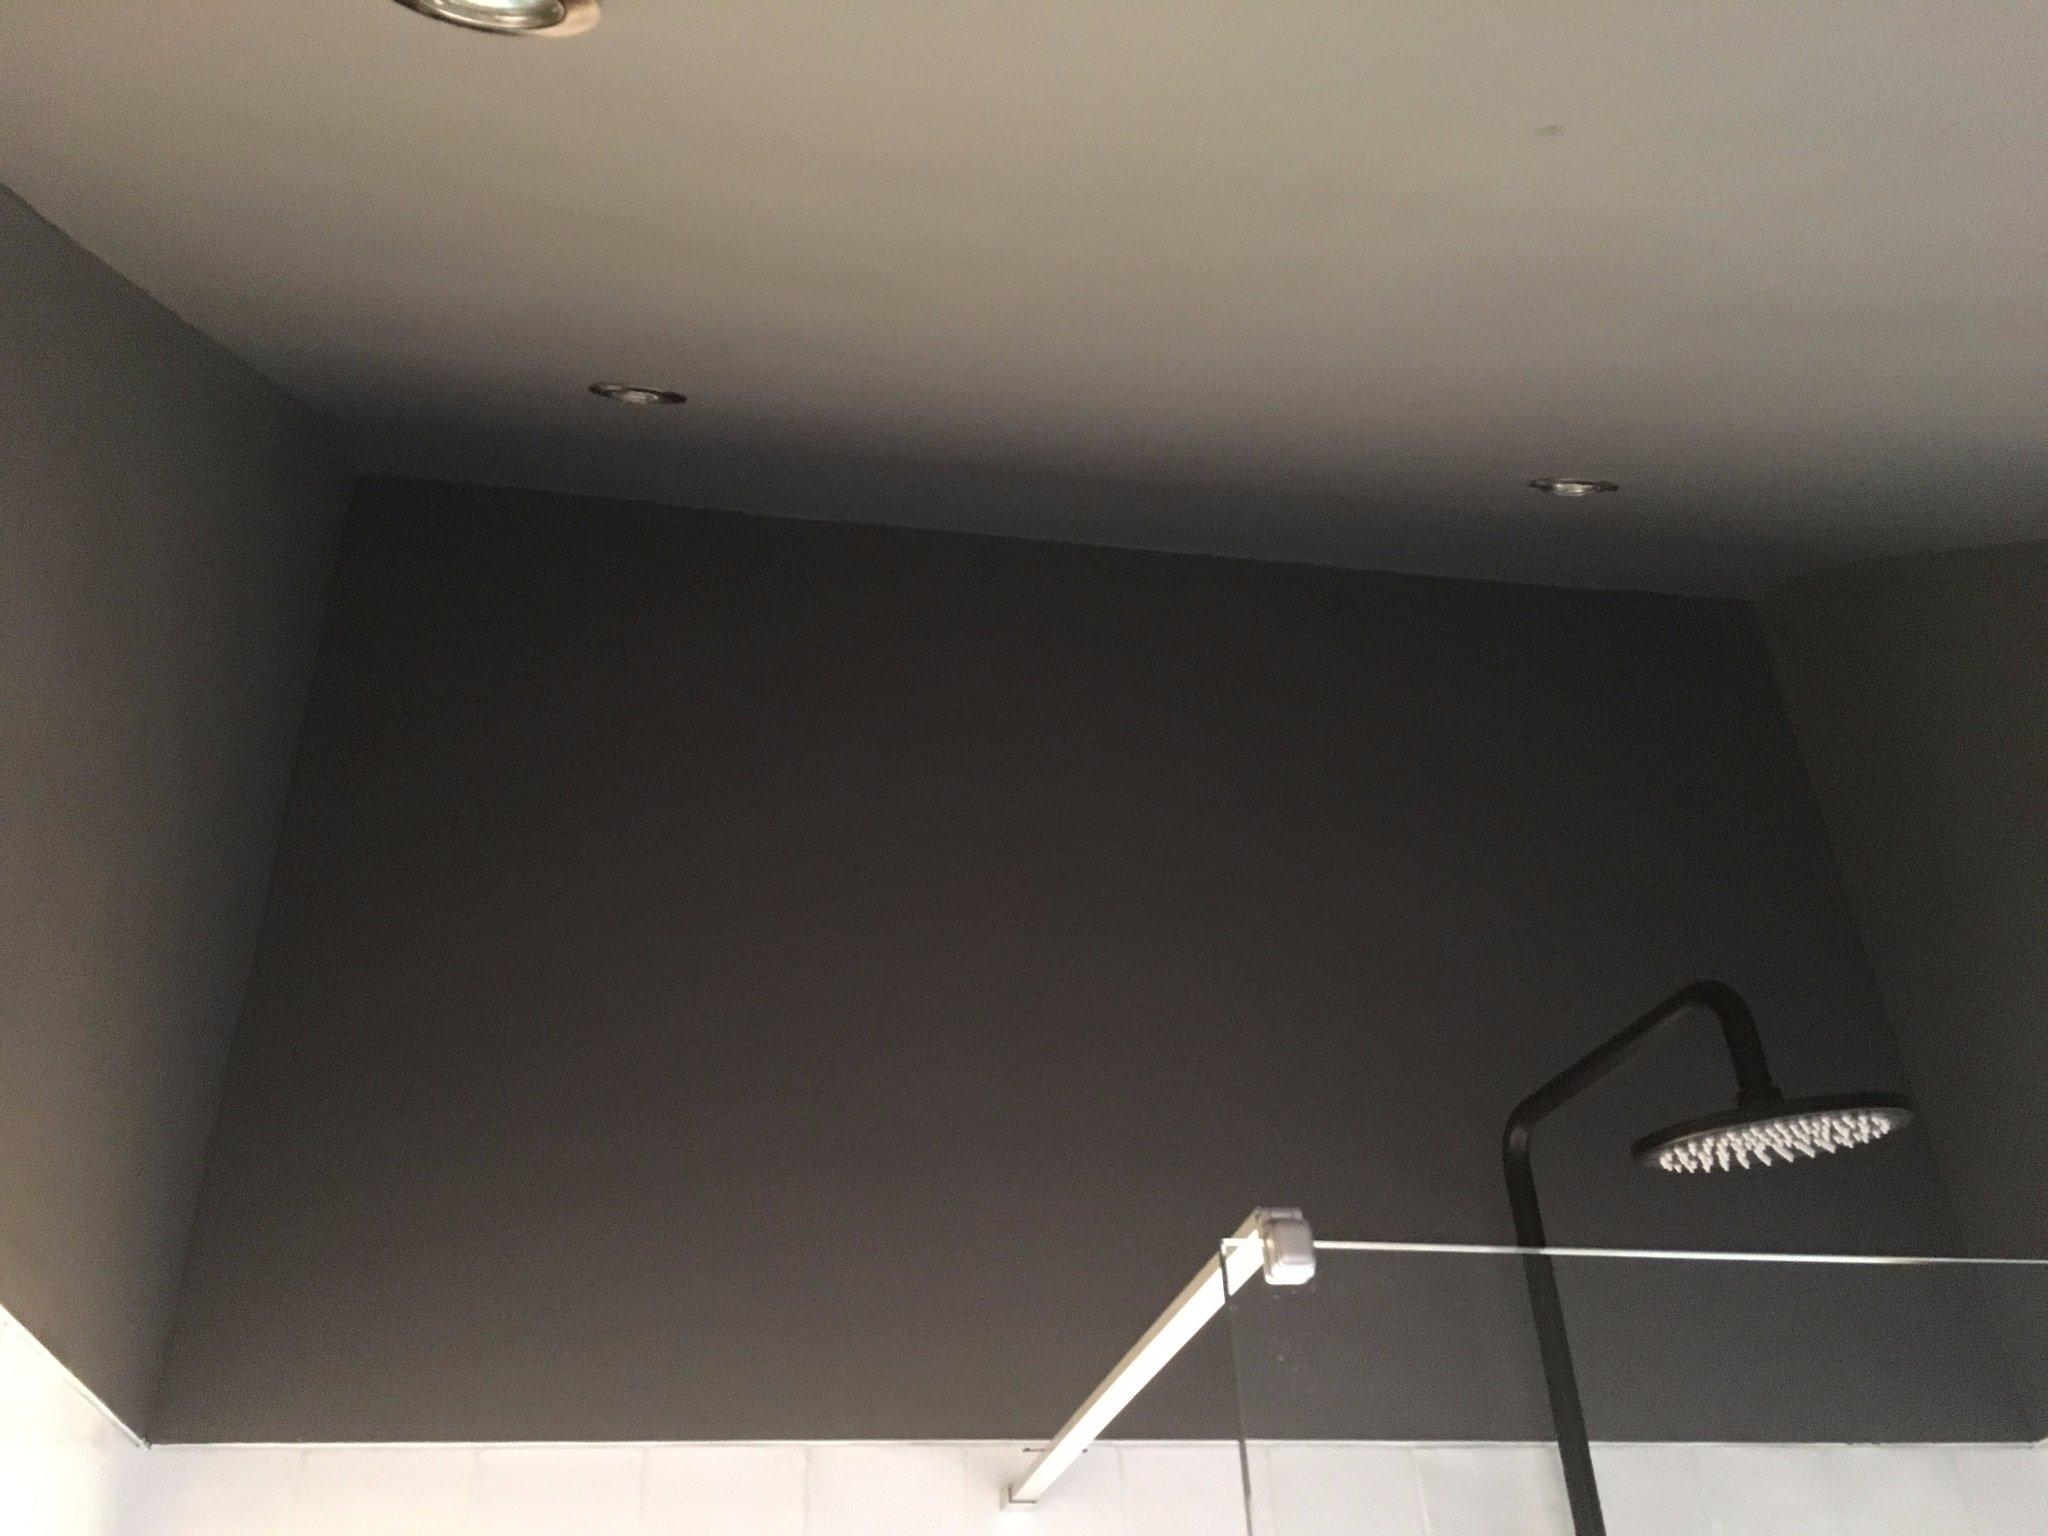 Badkamer ventilatie met dakdoorvoer maken - Werkspot